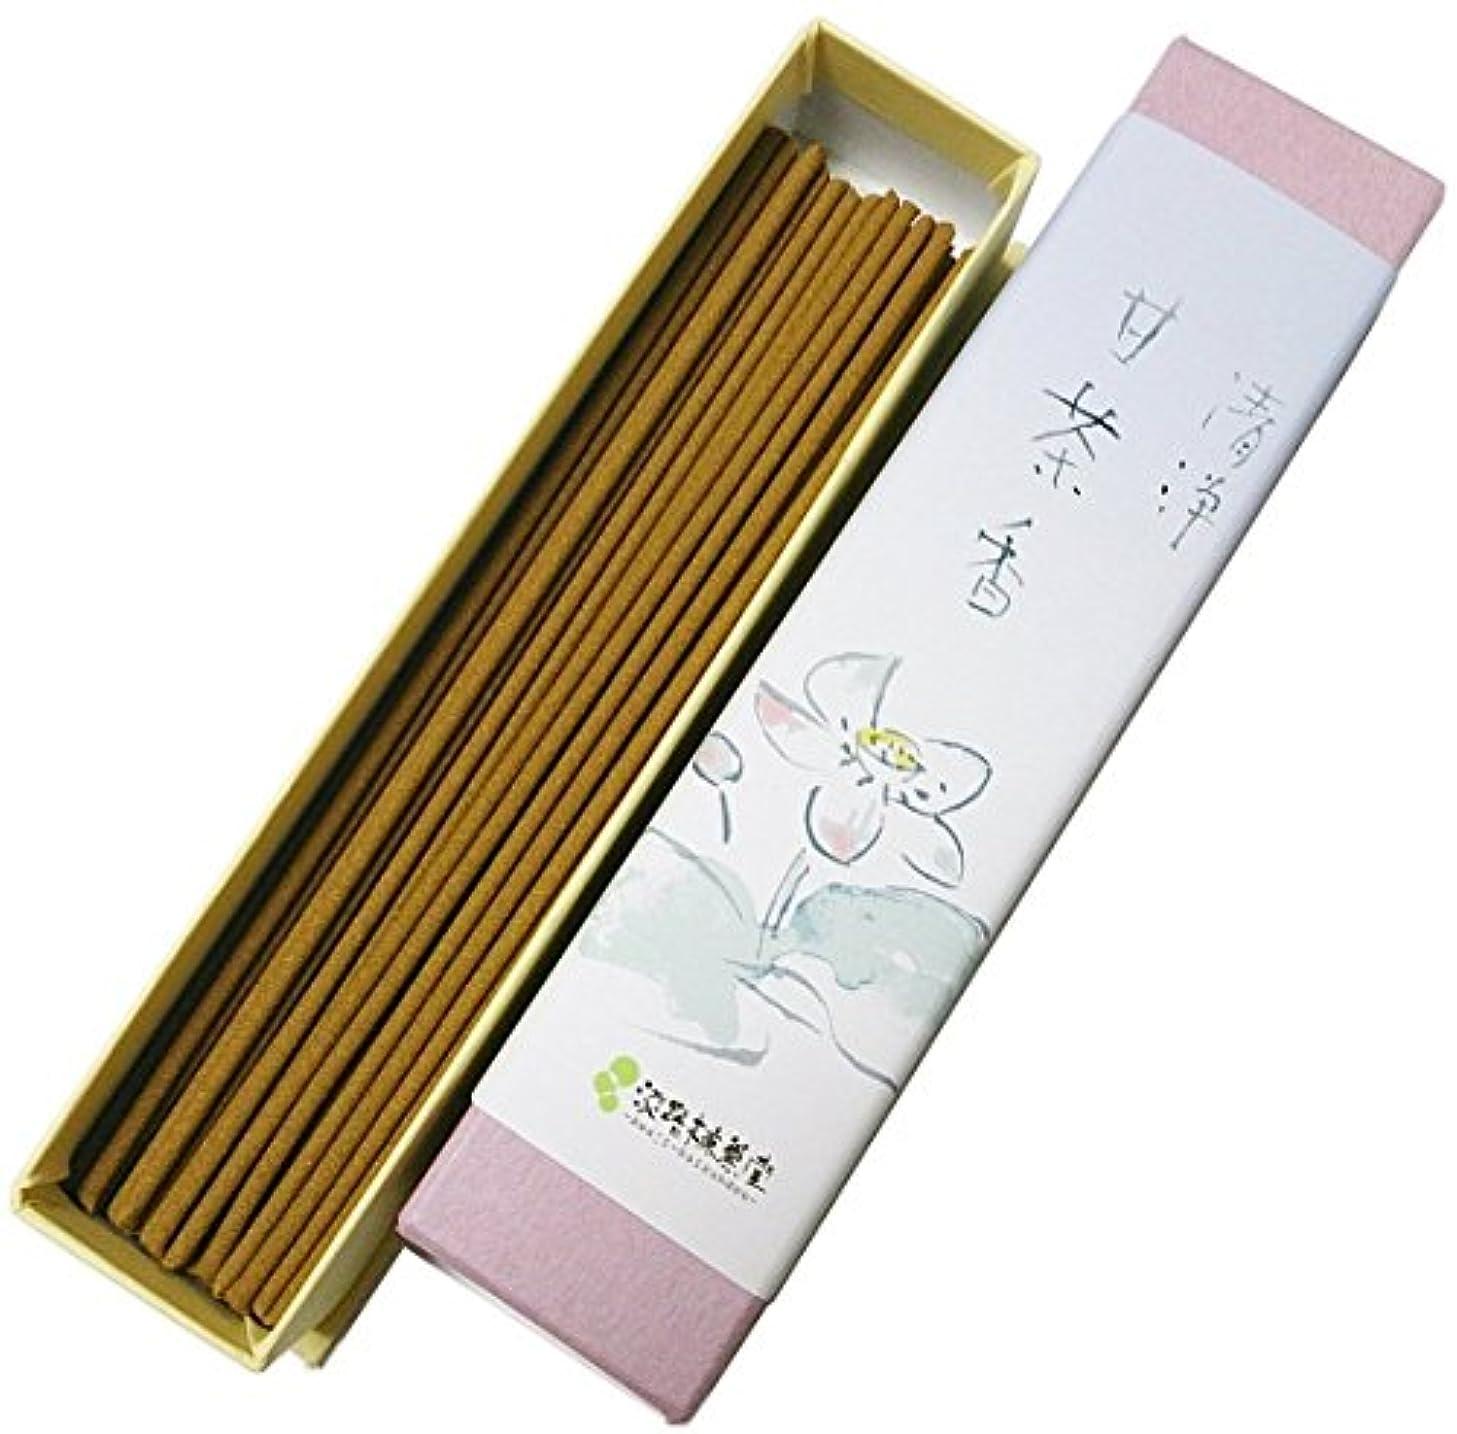 農業の目覚める山積みの淡路梅薫堂の浄化お香 清浄甘茶香 18g #31 ×100 japanese incense sticks